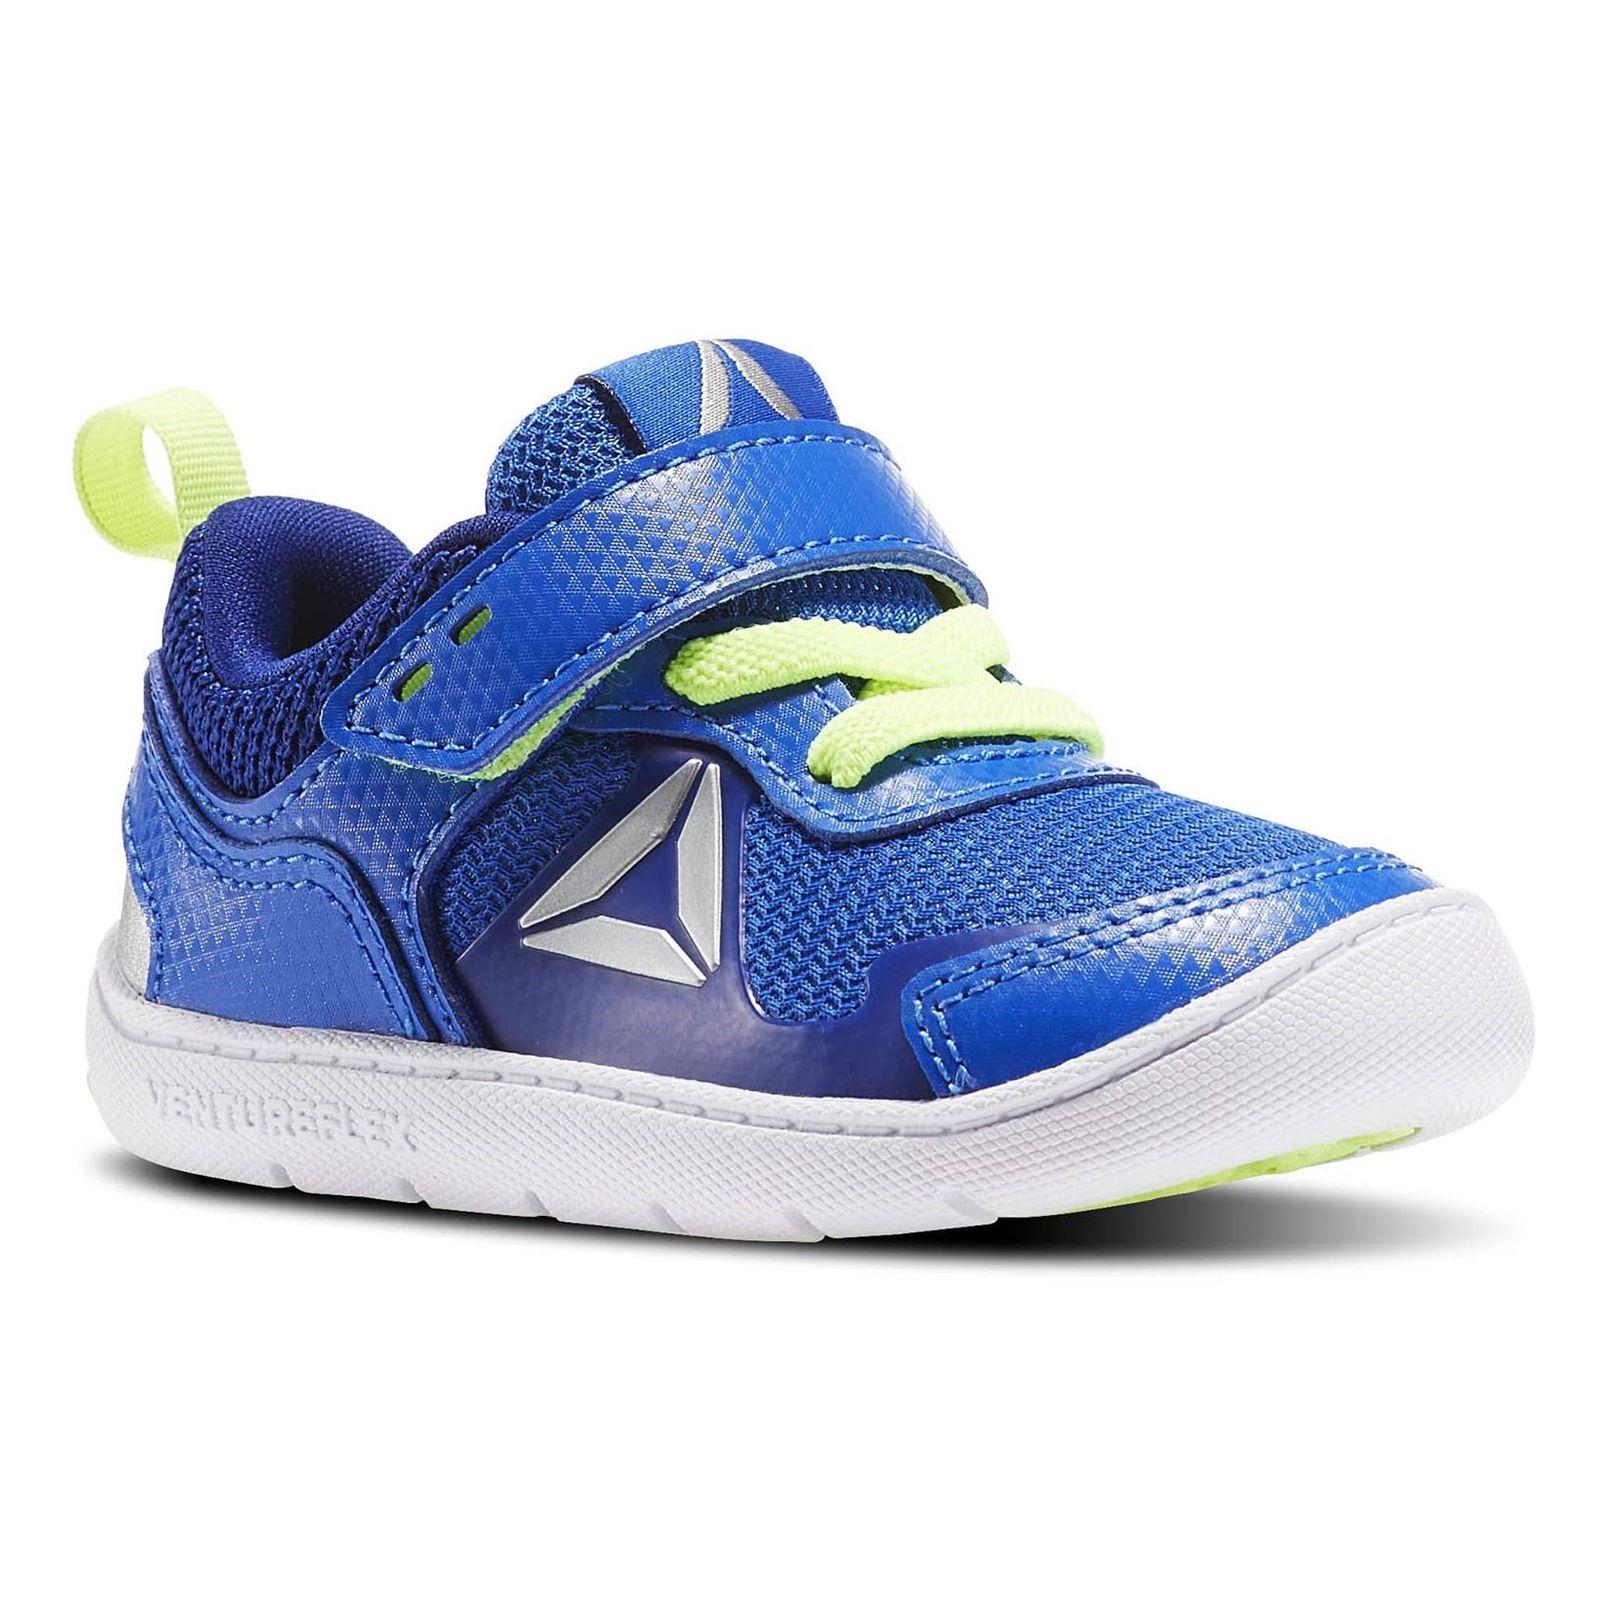 کفش دویدن چسبی نوزادی Ventureflex Stride 5-0 - ریباک - آبي - 4